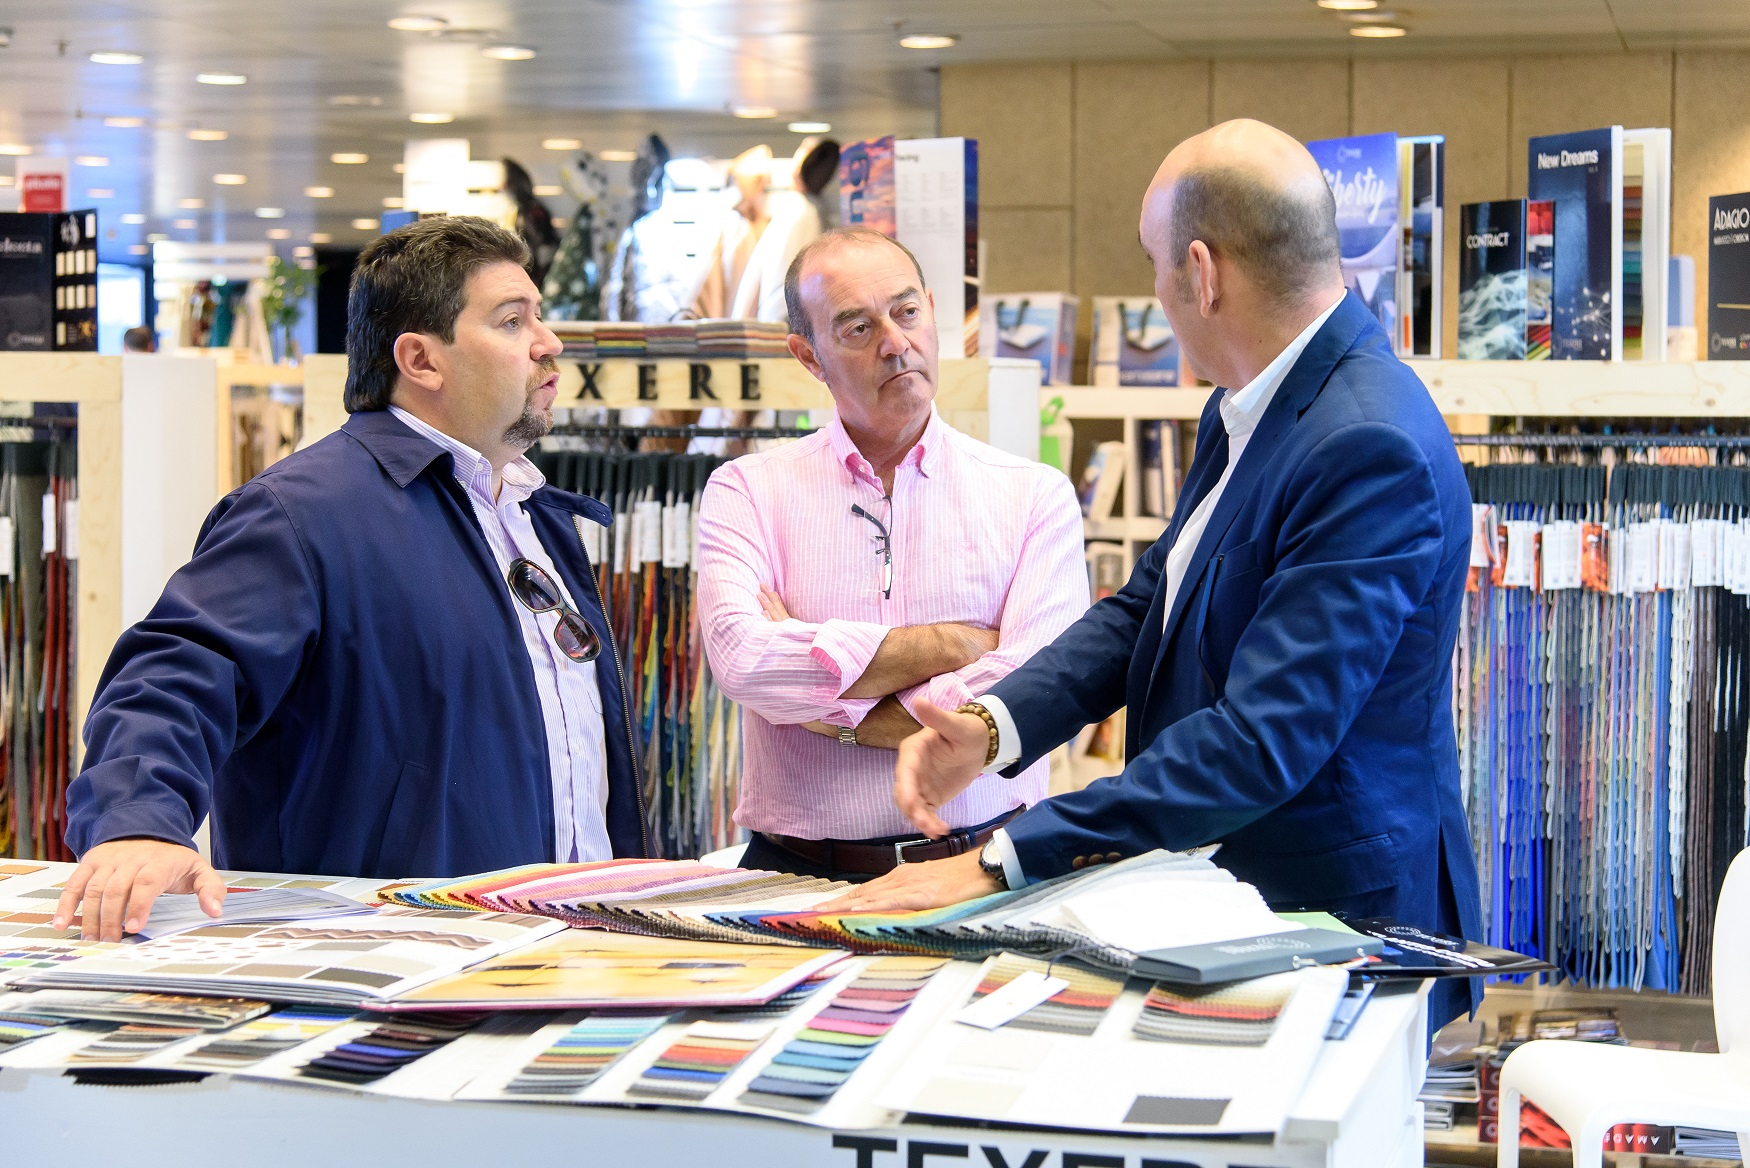 Home Textiles Premium by Textilhogar celebrará su próxima edición del 20 al 23 de septiembre de 2022